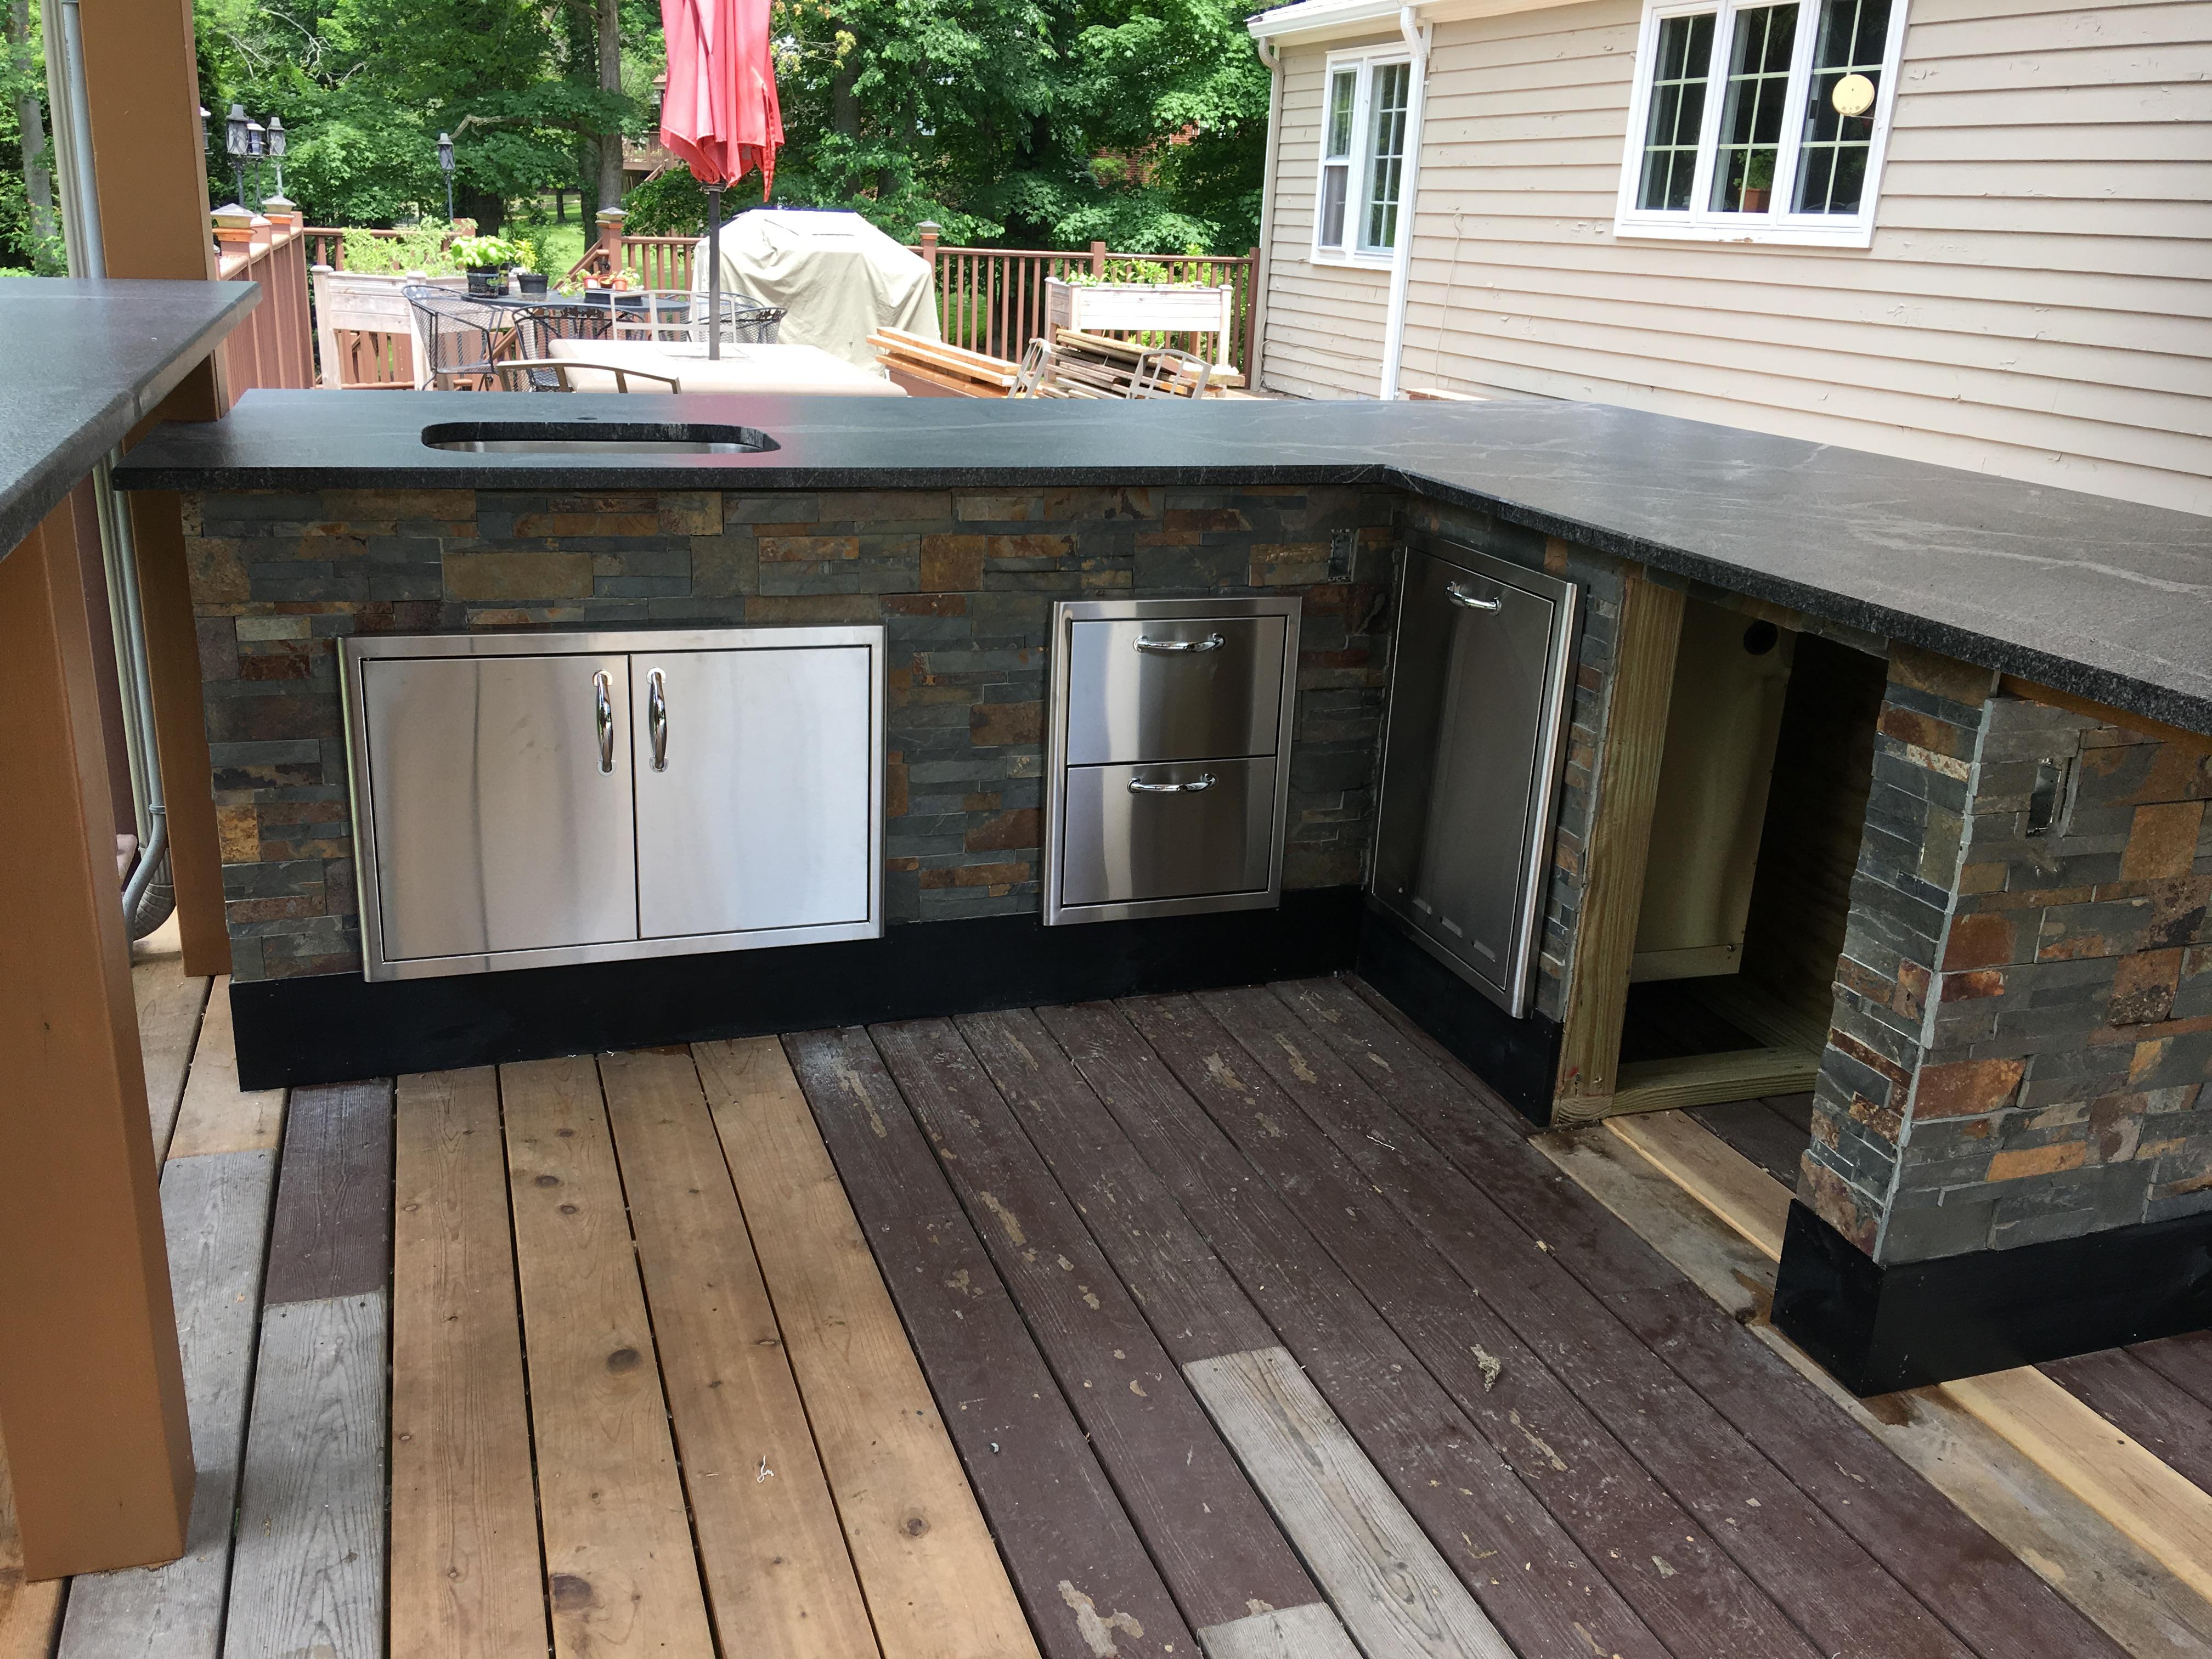 Outdoor kitchen island-8cdf04ac-61c5-4876-858d-6424f4cd6f6e.jpeg